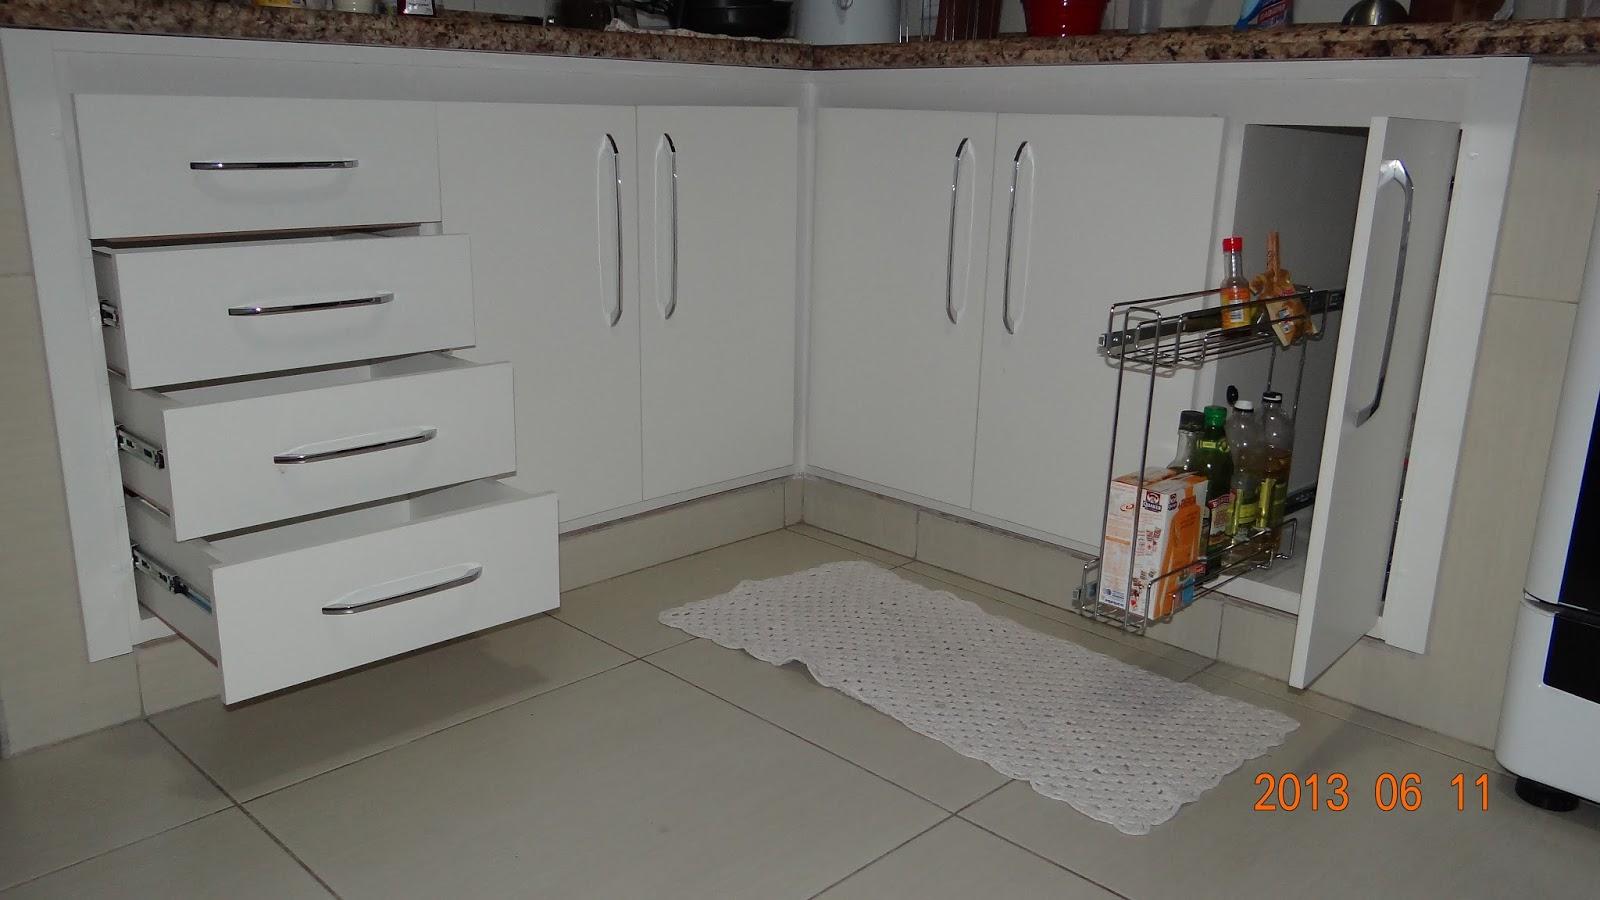 de cozinha com 4 gavetas 5 portas. em compensado naval revestido de  #B1541A 1600x900